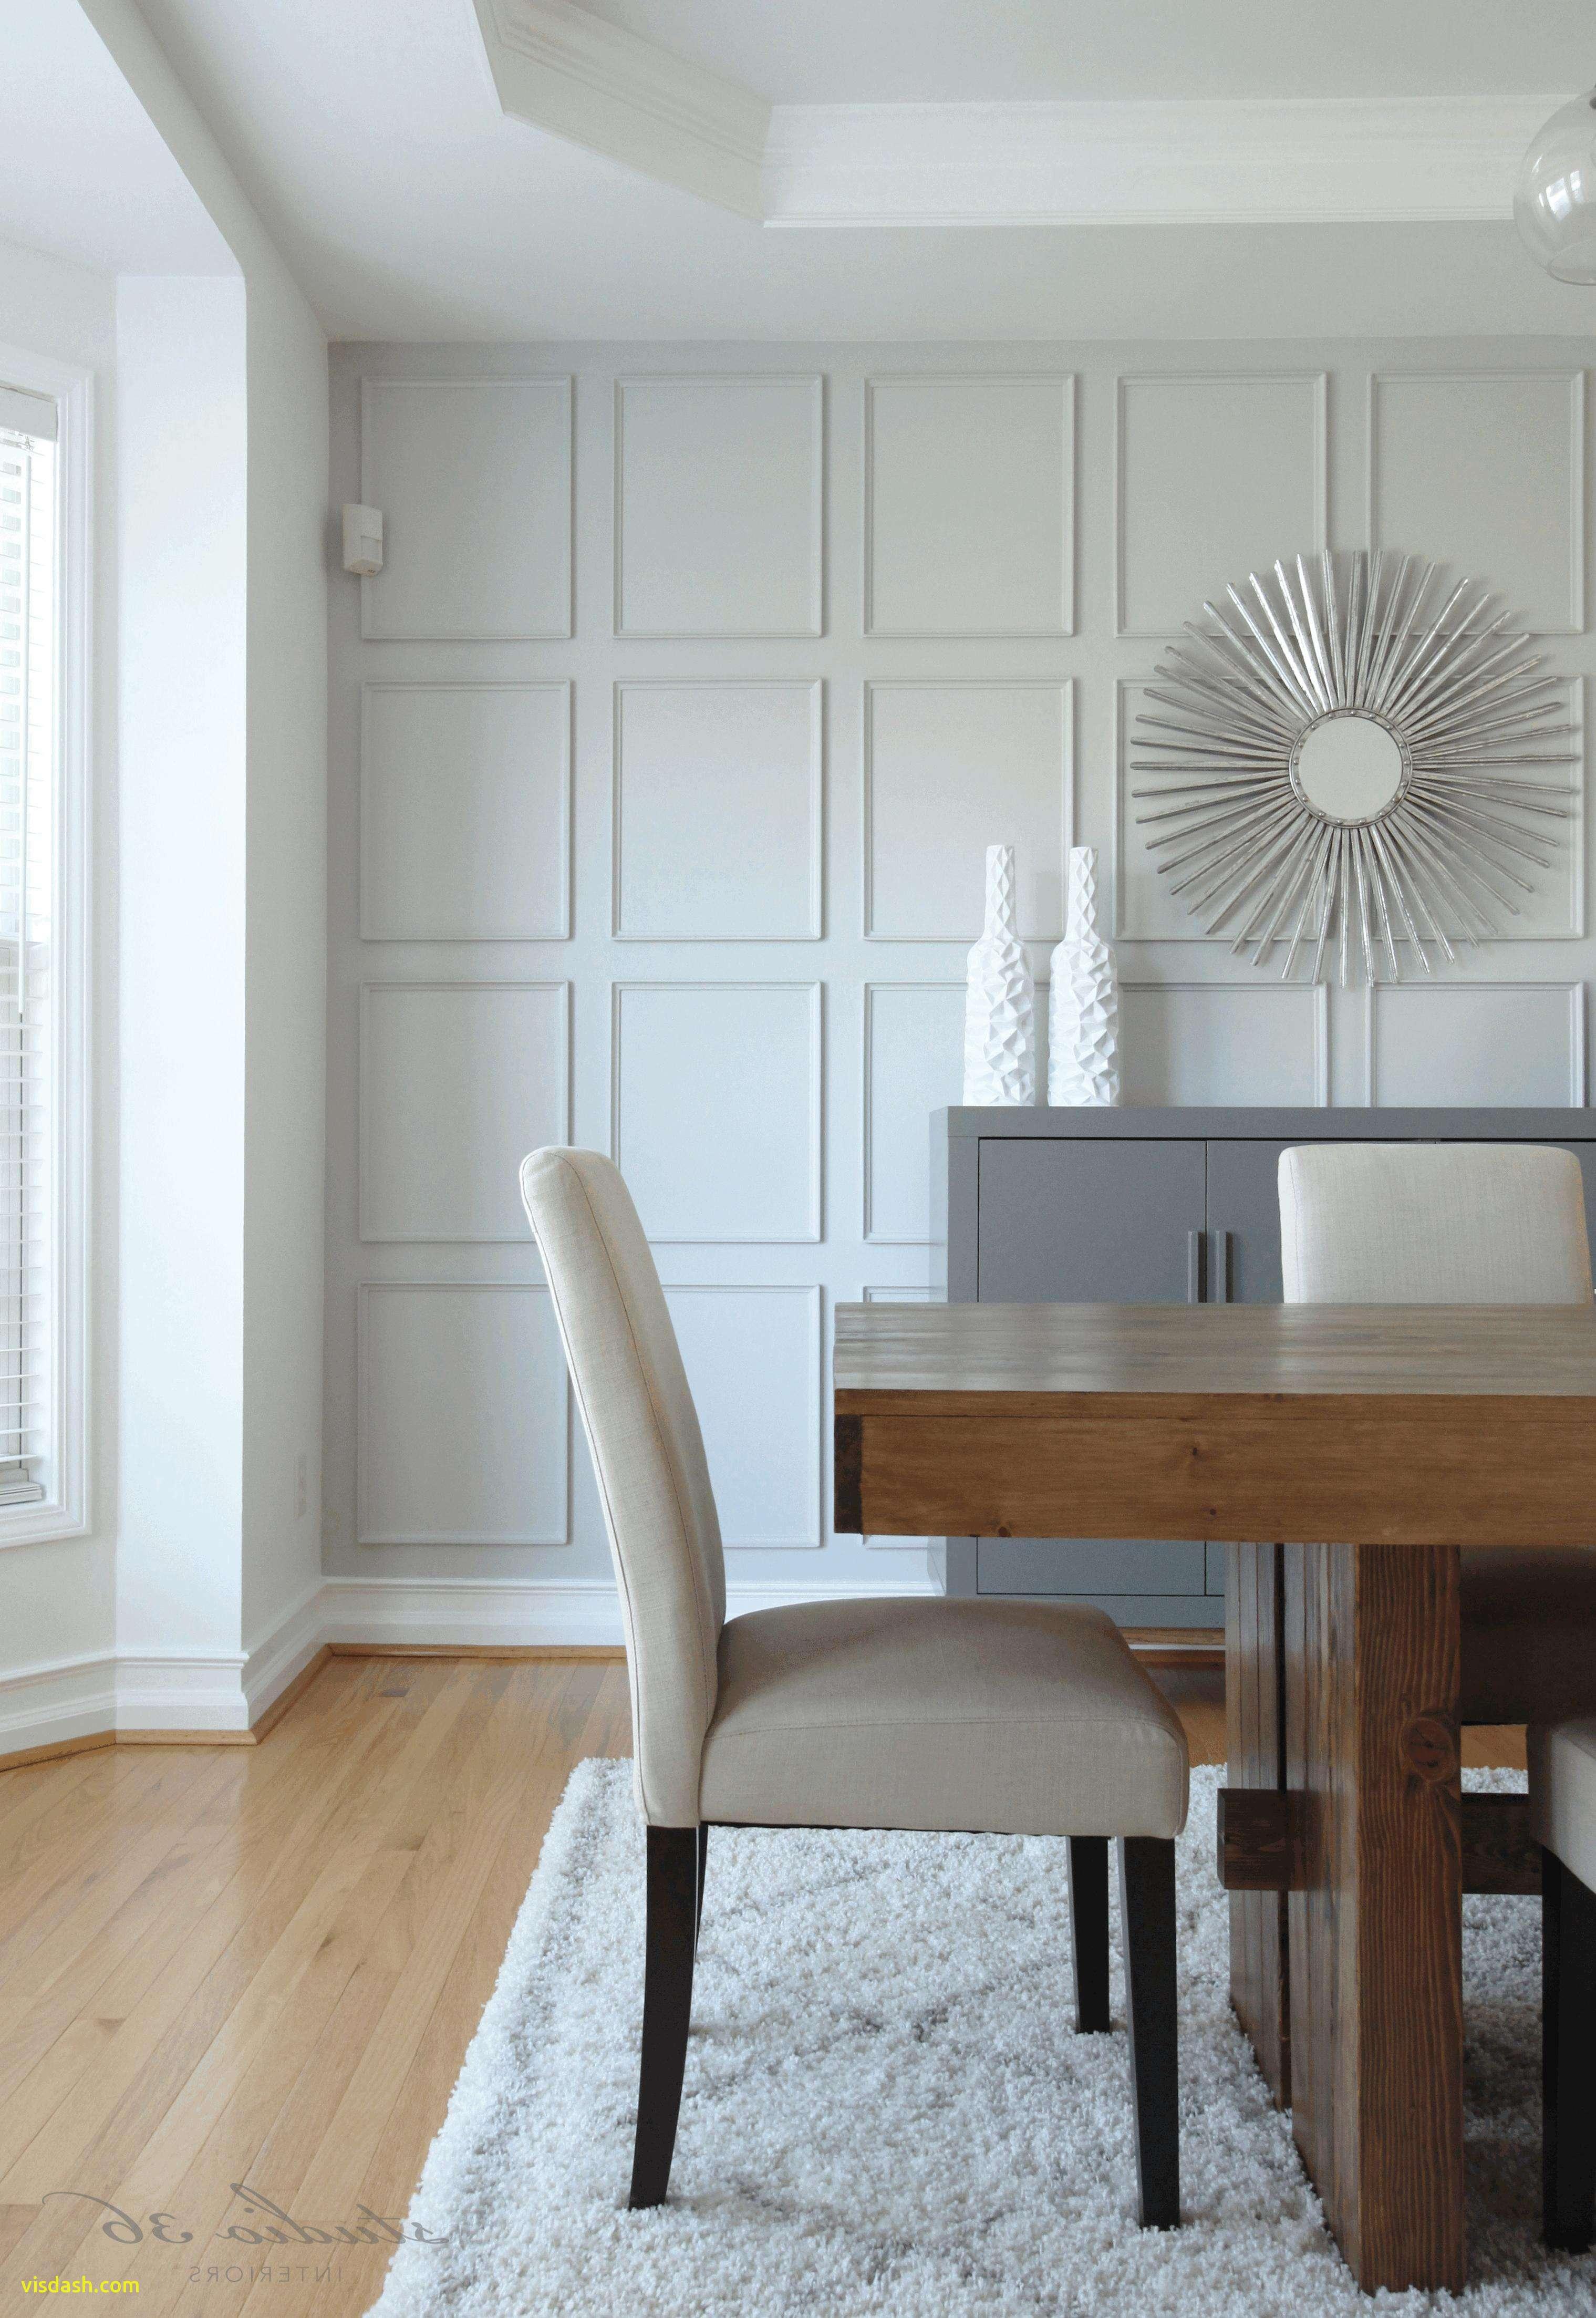 10 Nice Wood Trim Ideas For Walls wood wall trim ideas fresh interior wood trim ideas home decor 2020